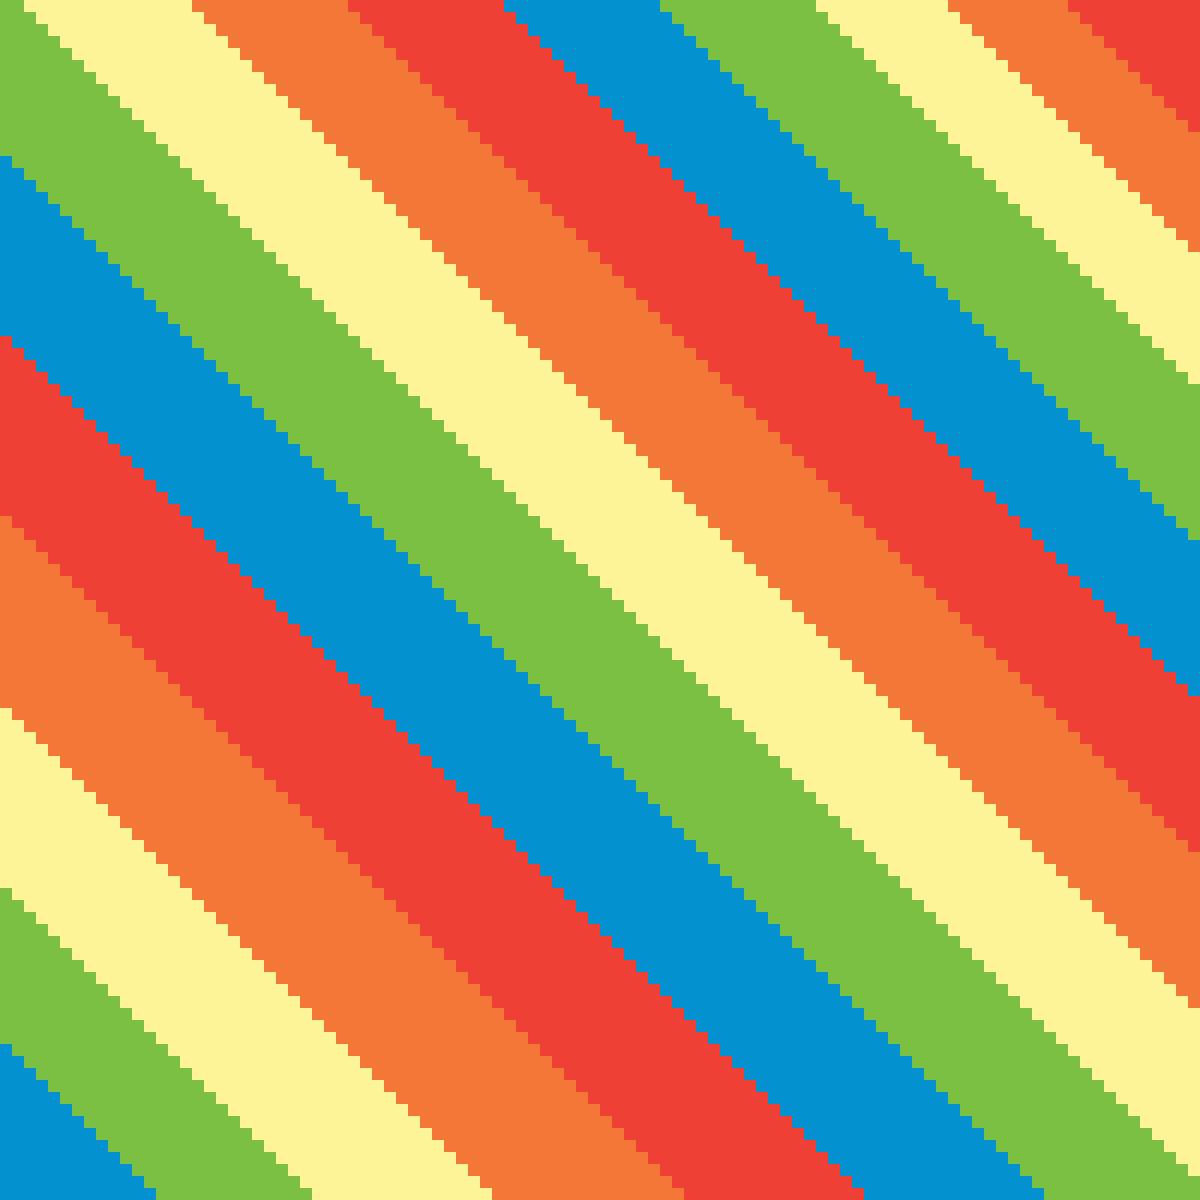 Rainbow by ThatWeirdKidddd